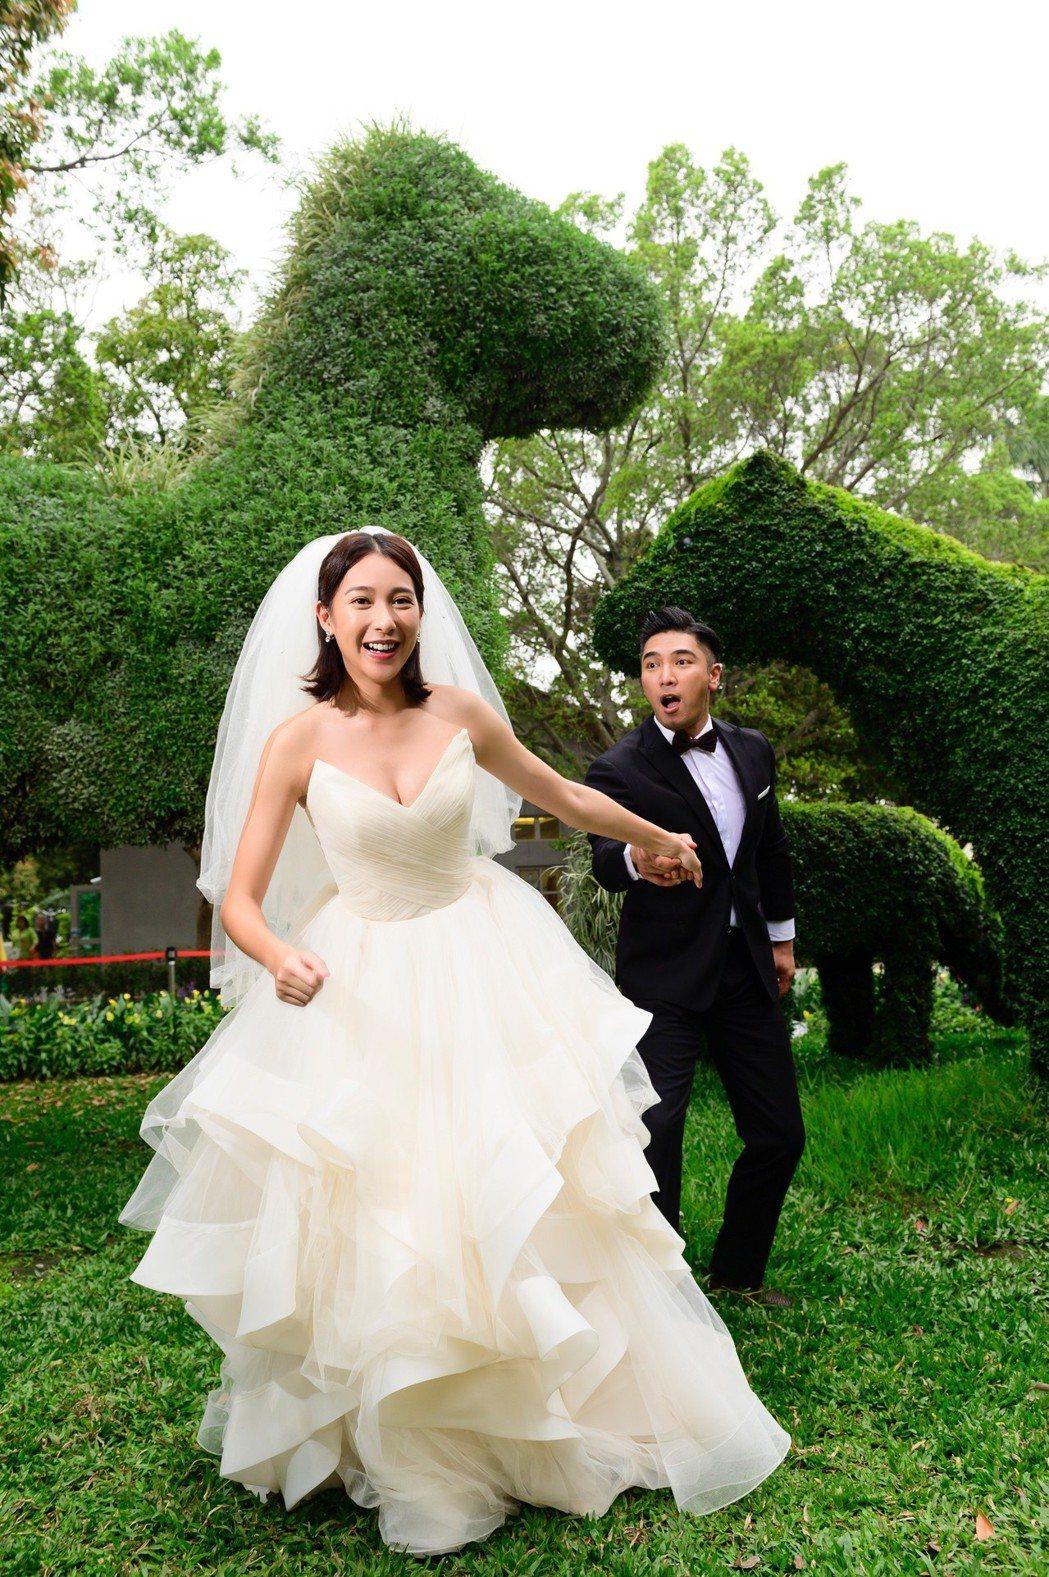 楊晴(前)與羅平為戲到台中拍婚紗。圖/TVBS提供